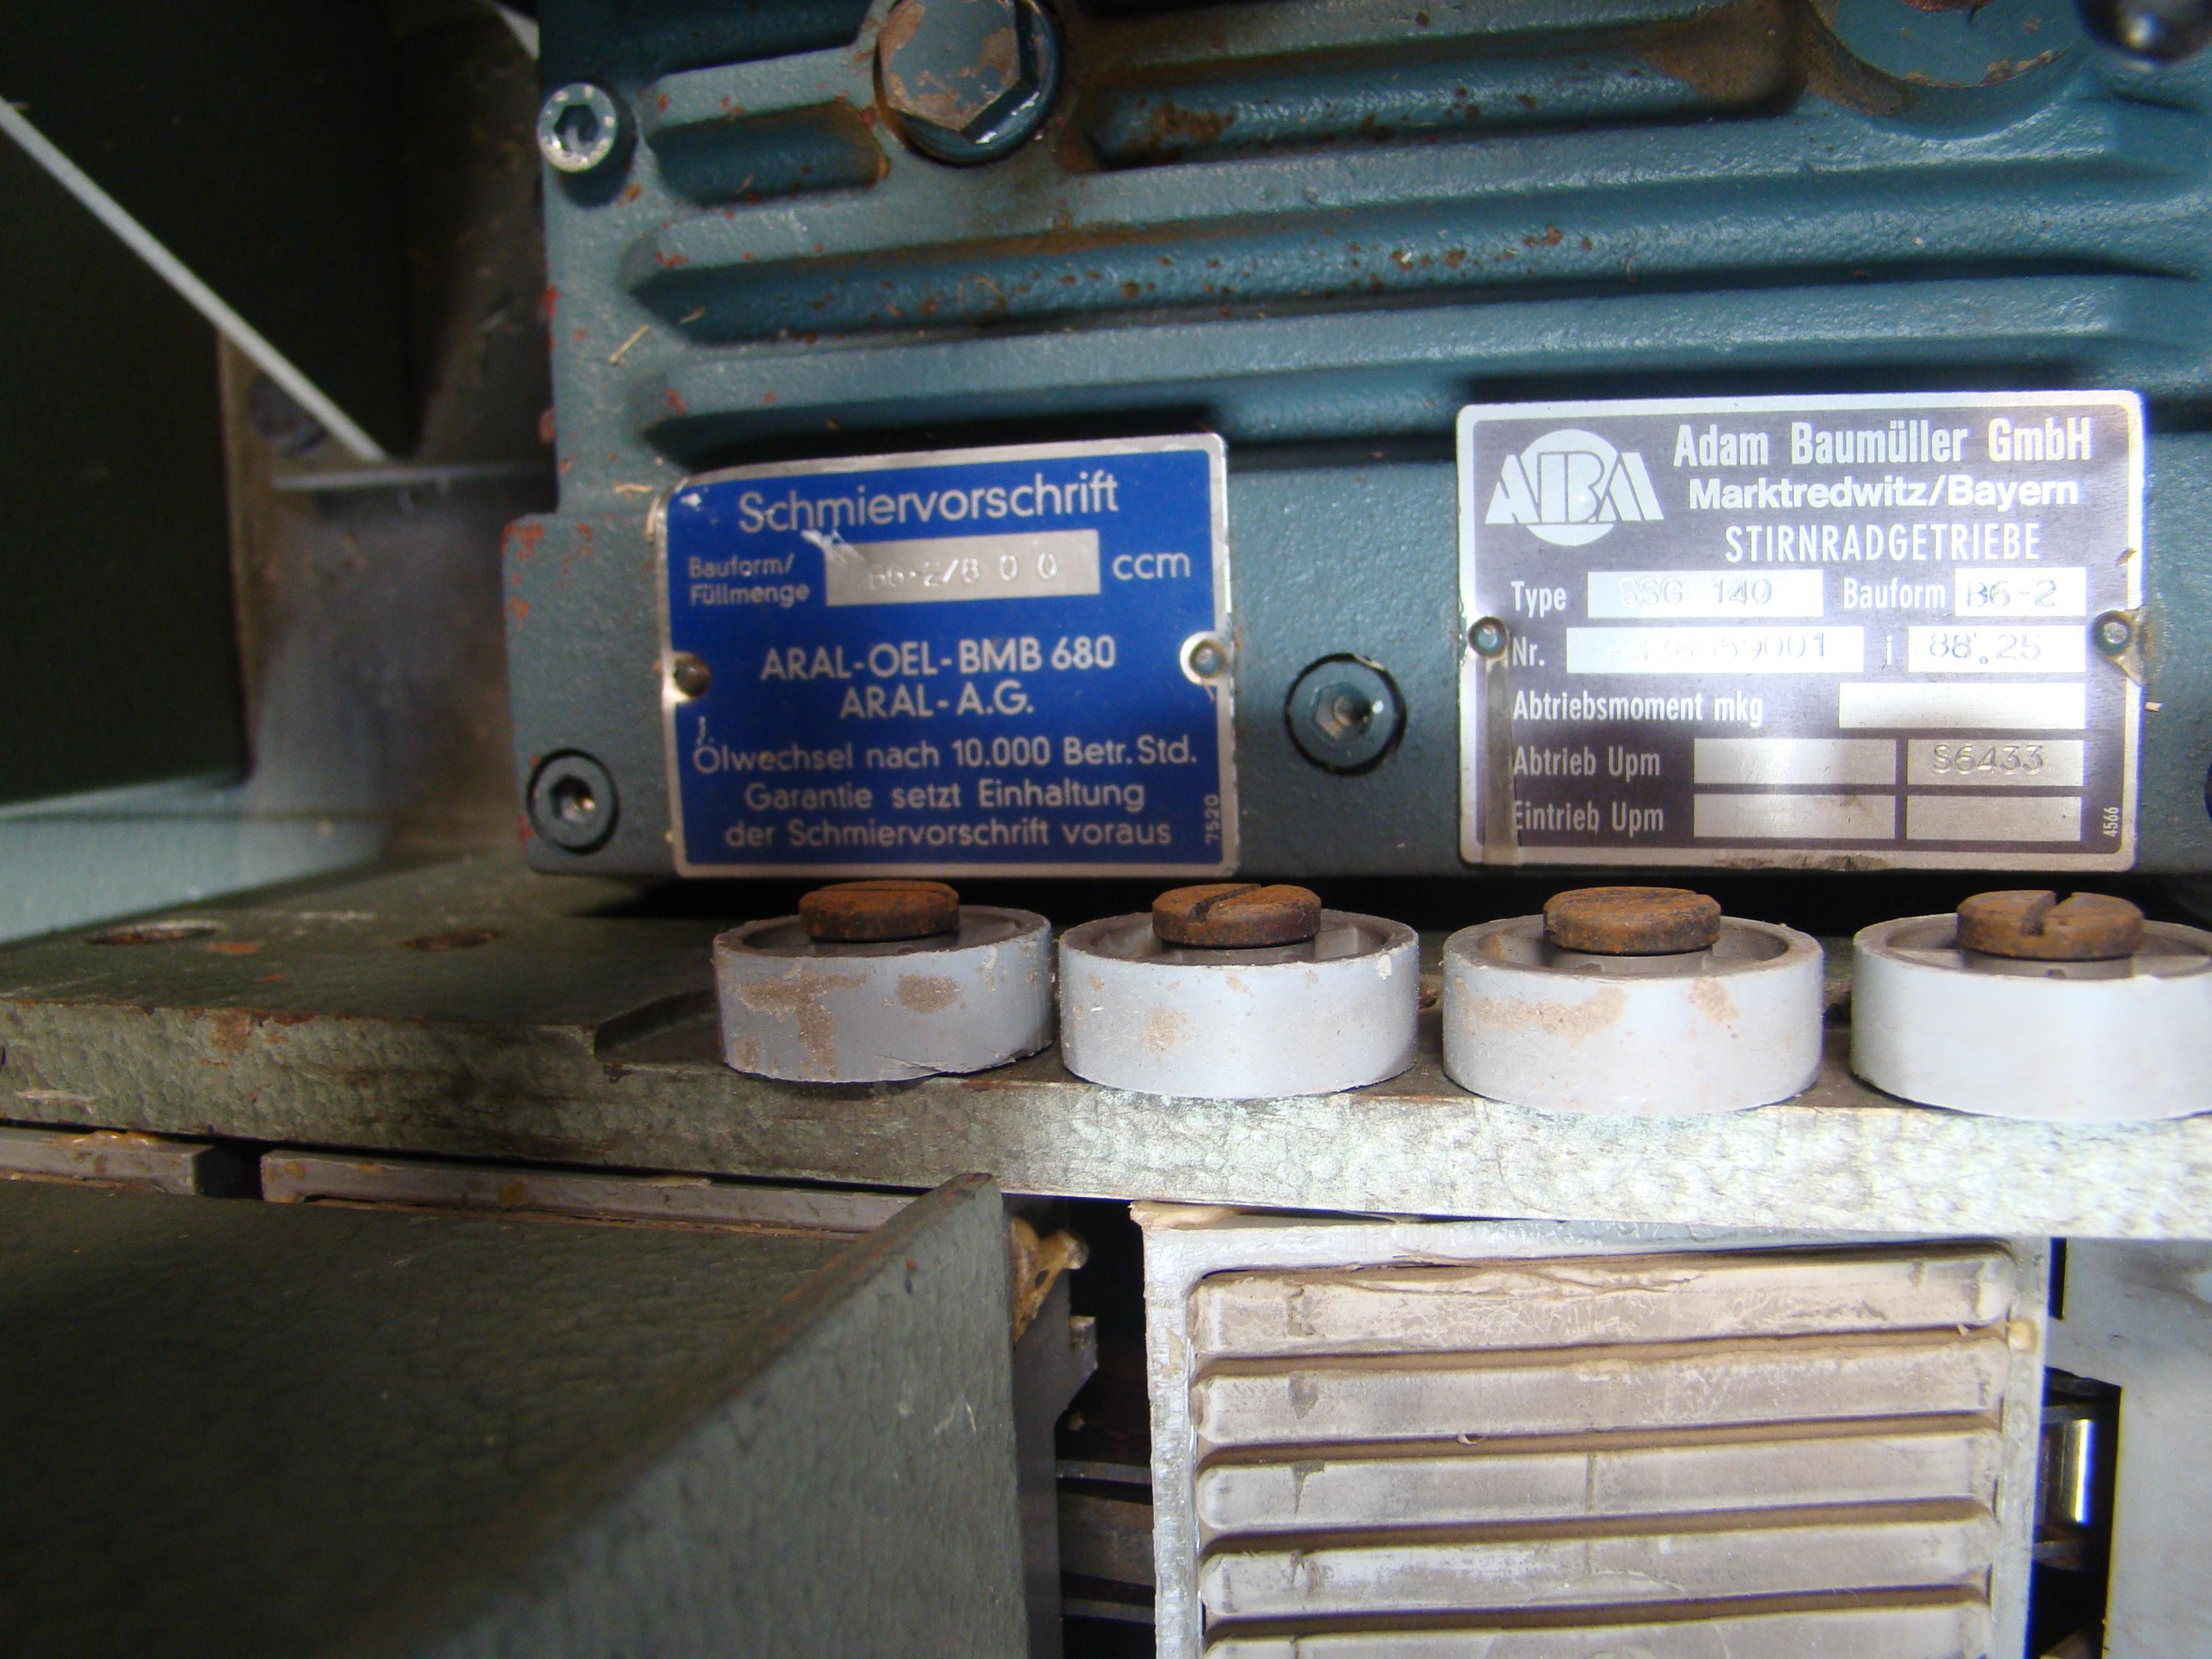 Holz-Her Edge Bander 1408 Pressure Roller, Uses GluJet, End trim stations, Flush/Bevel Scraper, - Image 9 of 10